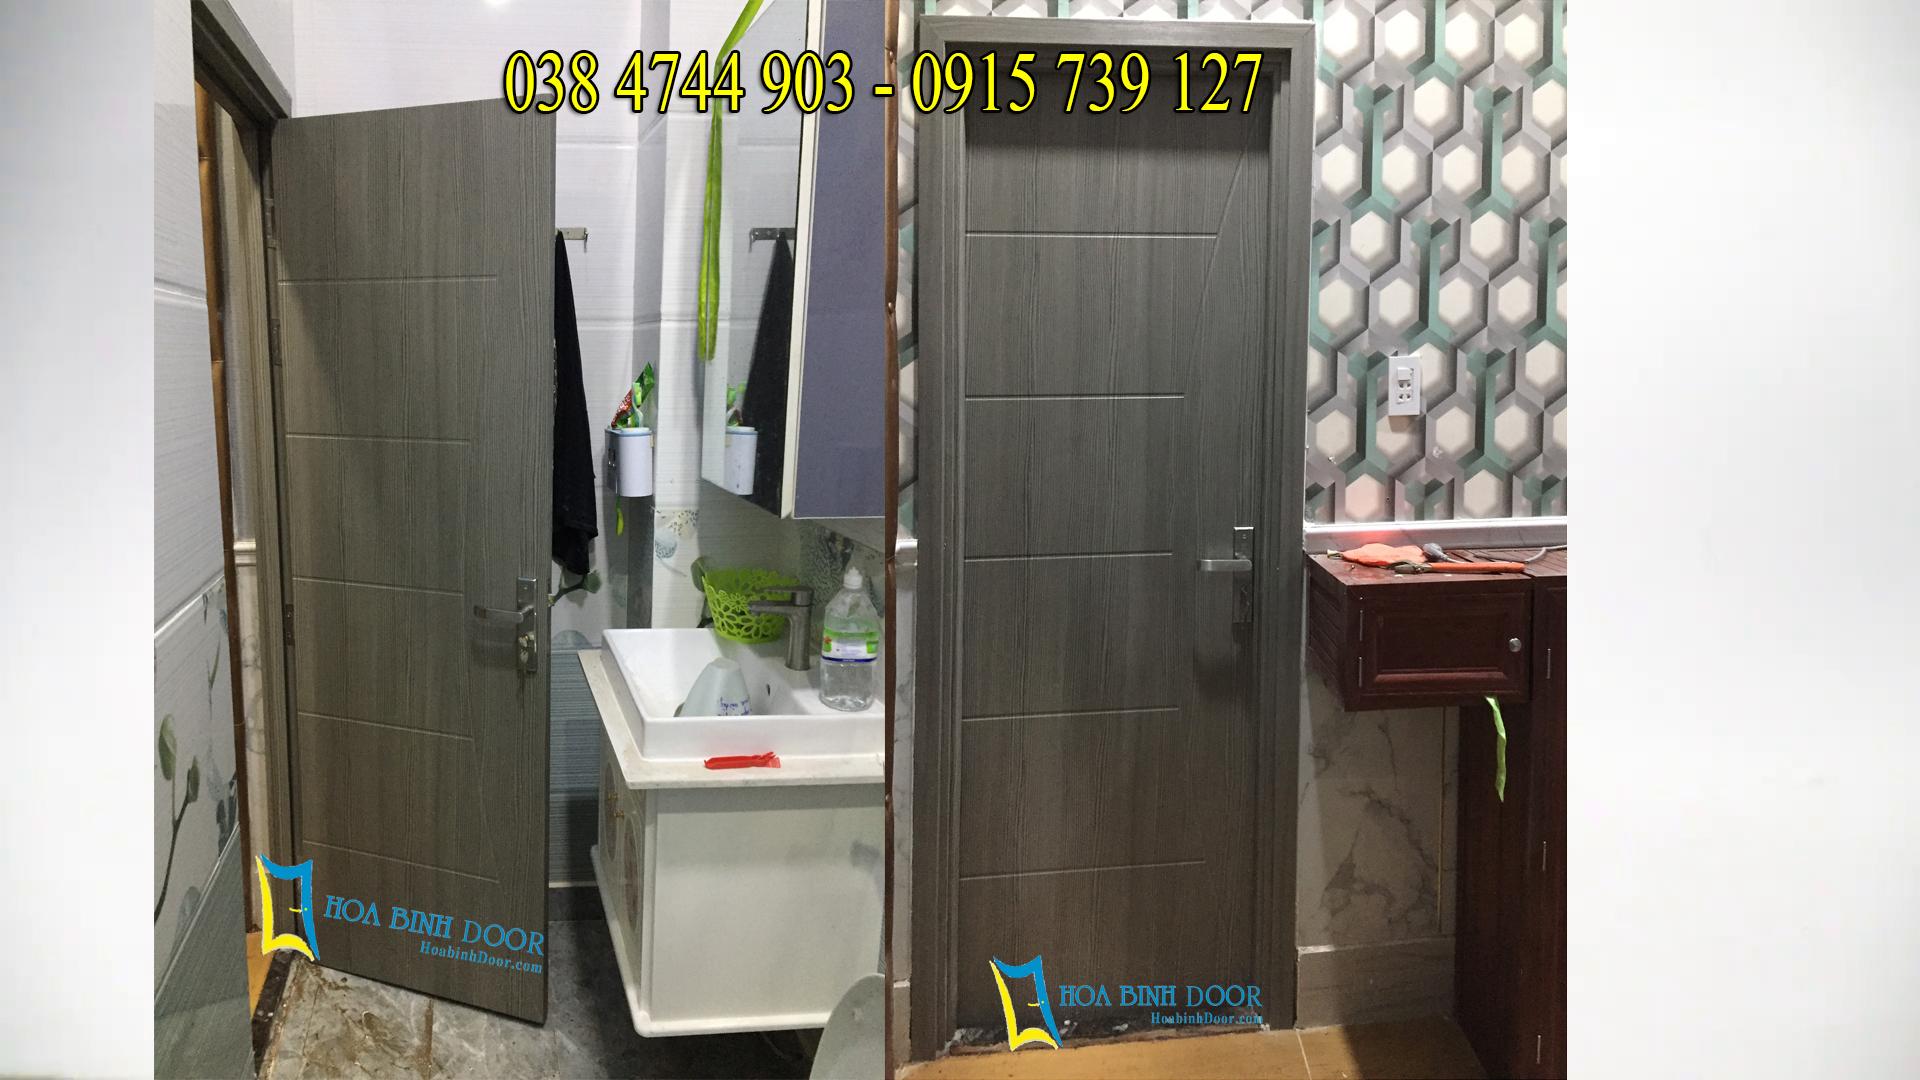 Nên Dùng Loại Cửa Nào Cho Nhà Vệ Sinh (Toilet) , Phòng Tắm